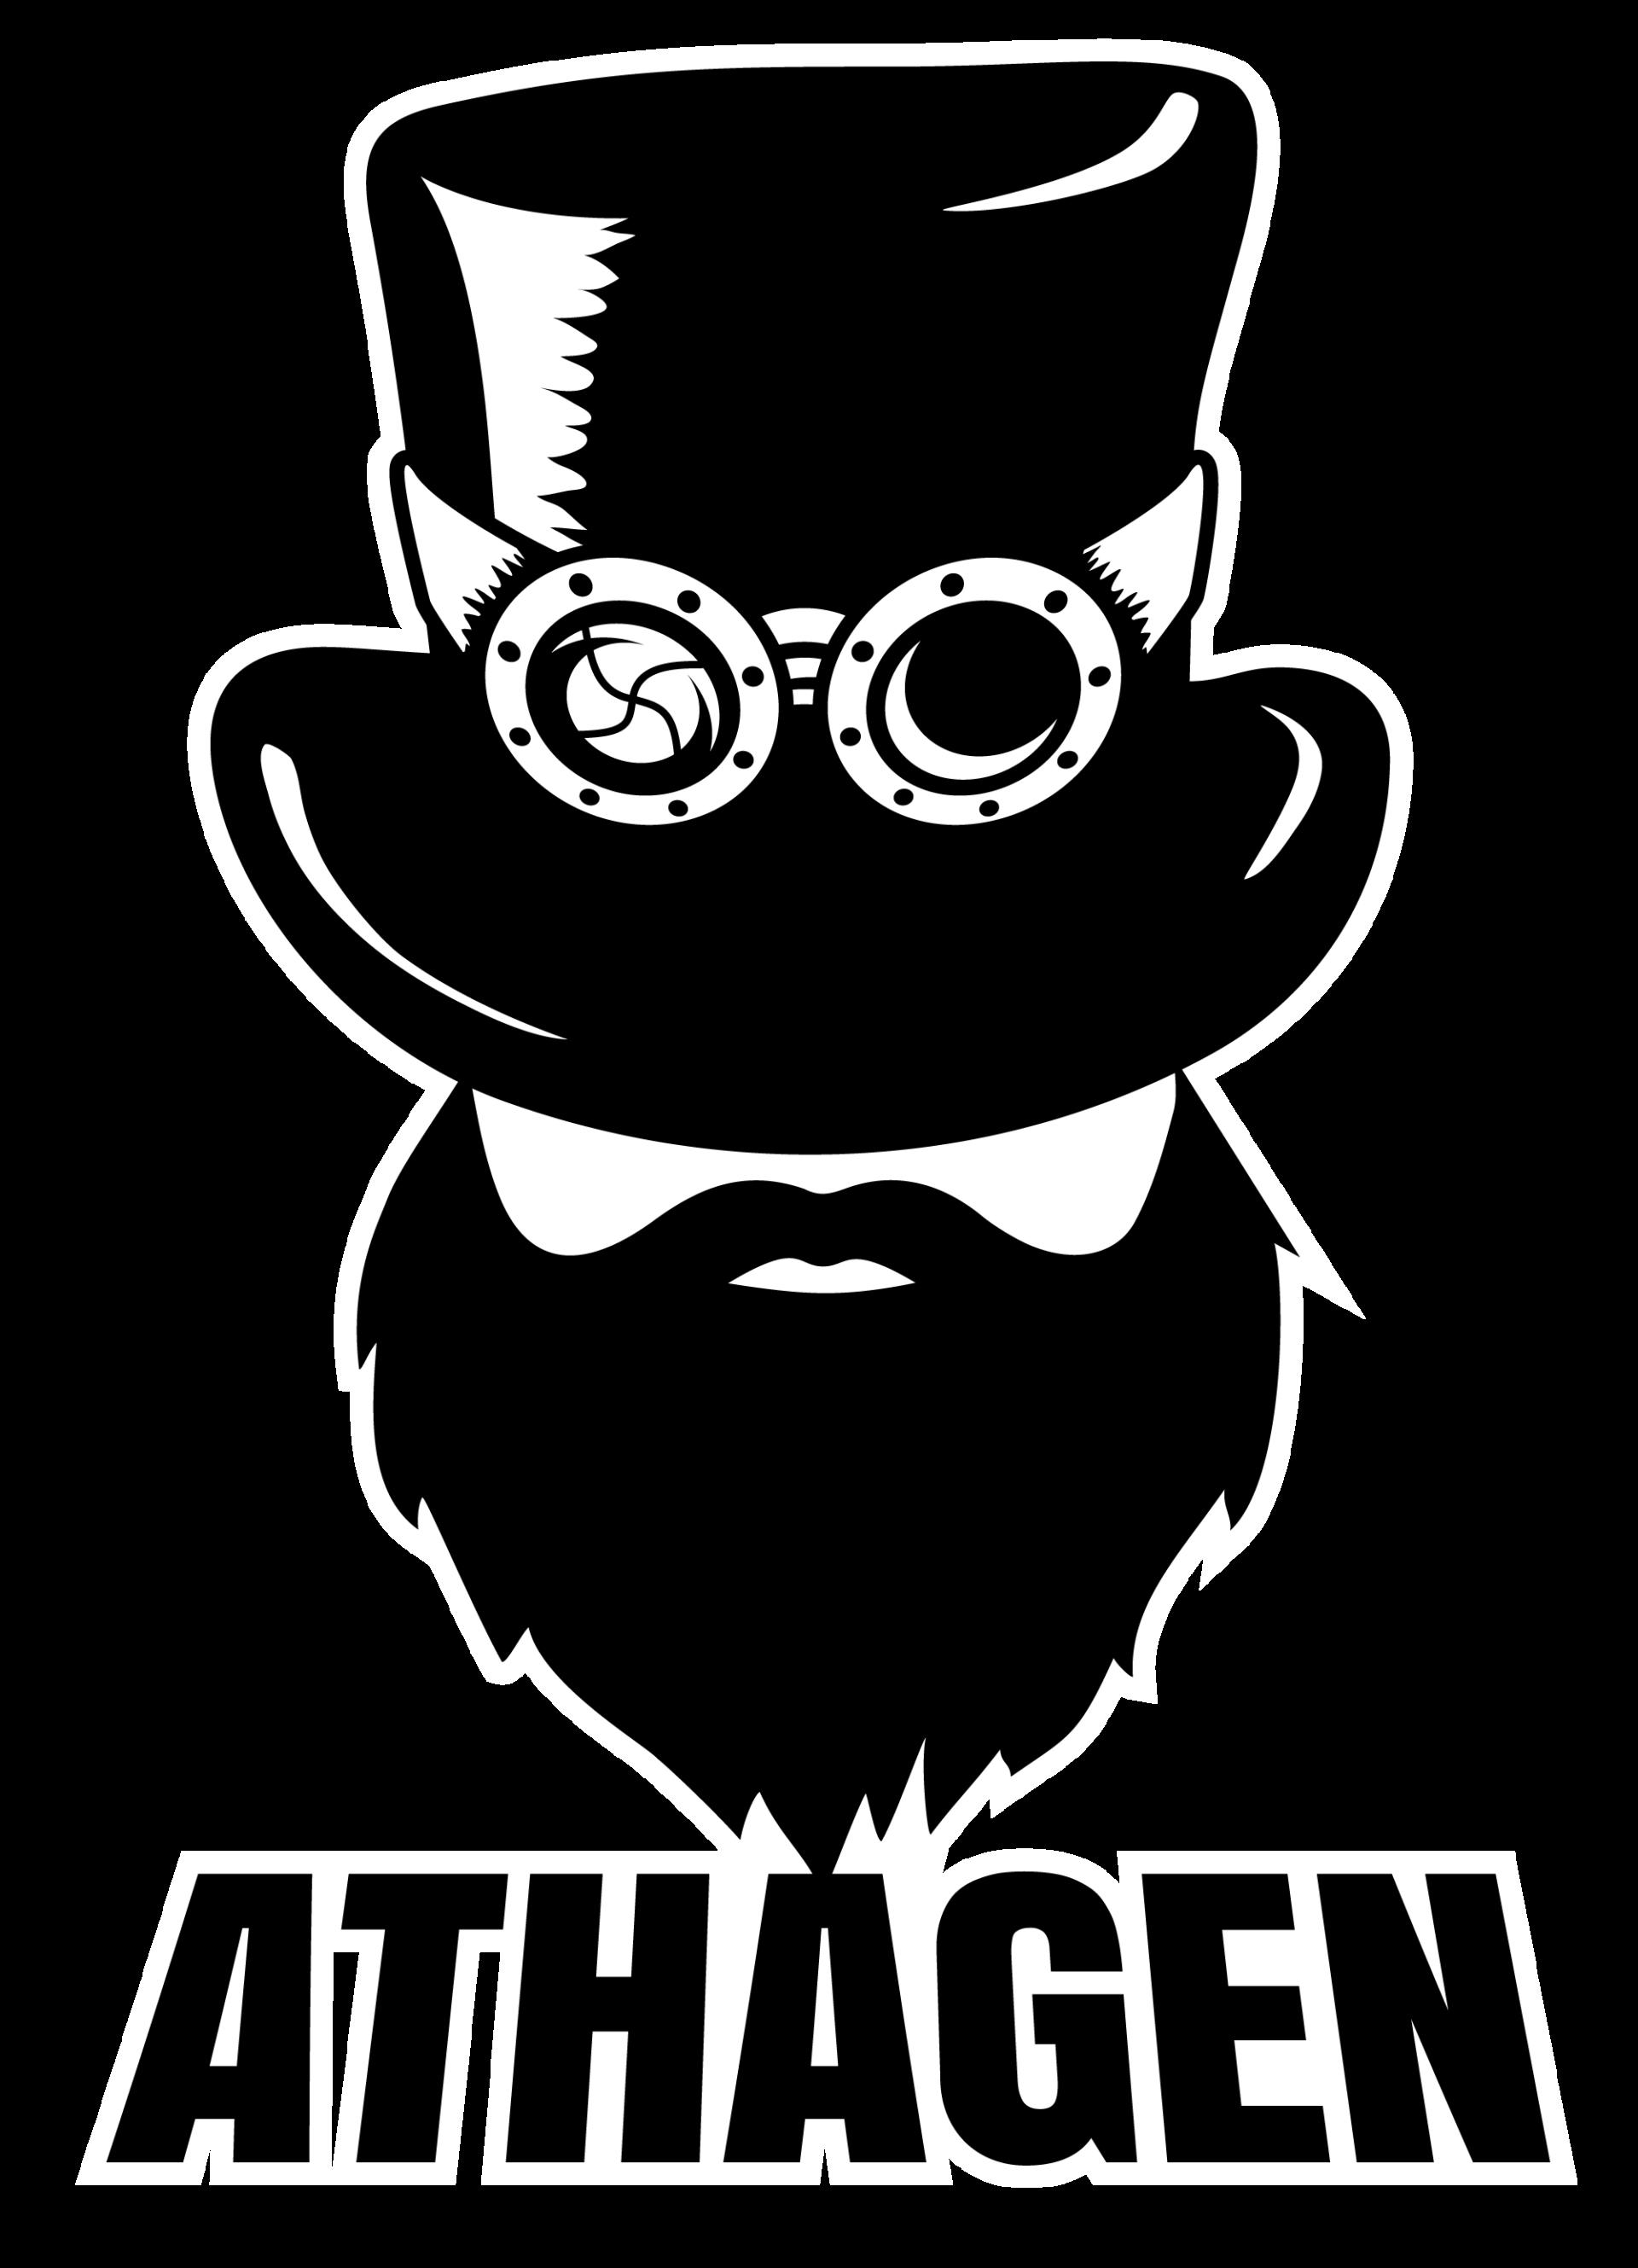 Athagen logo